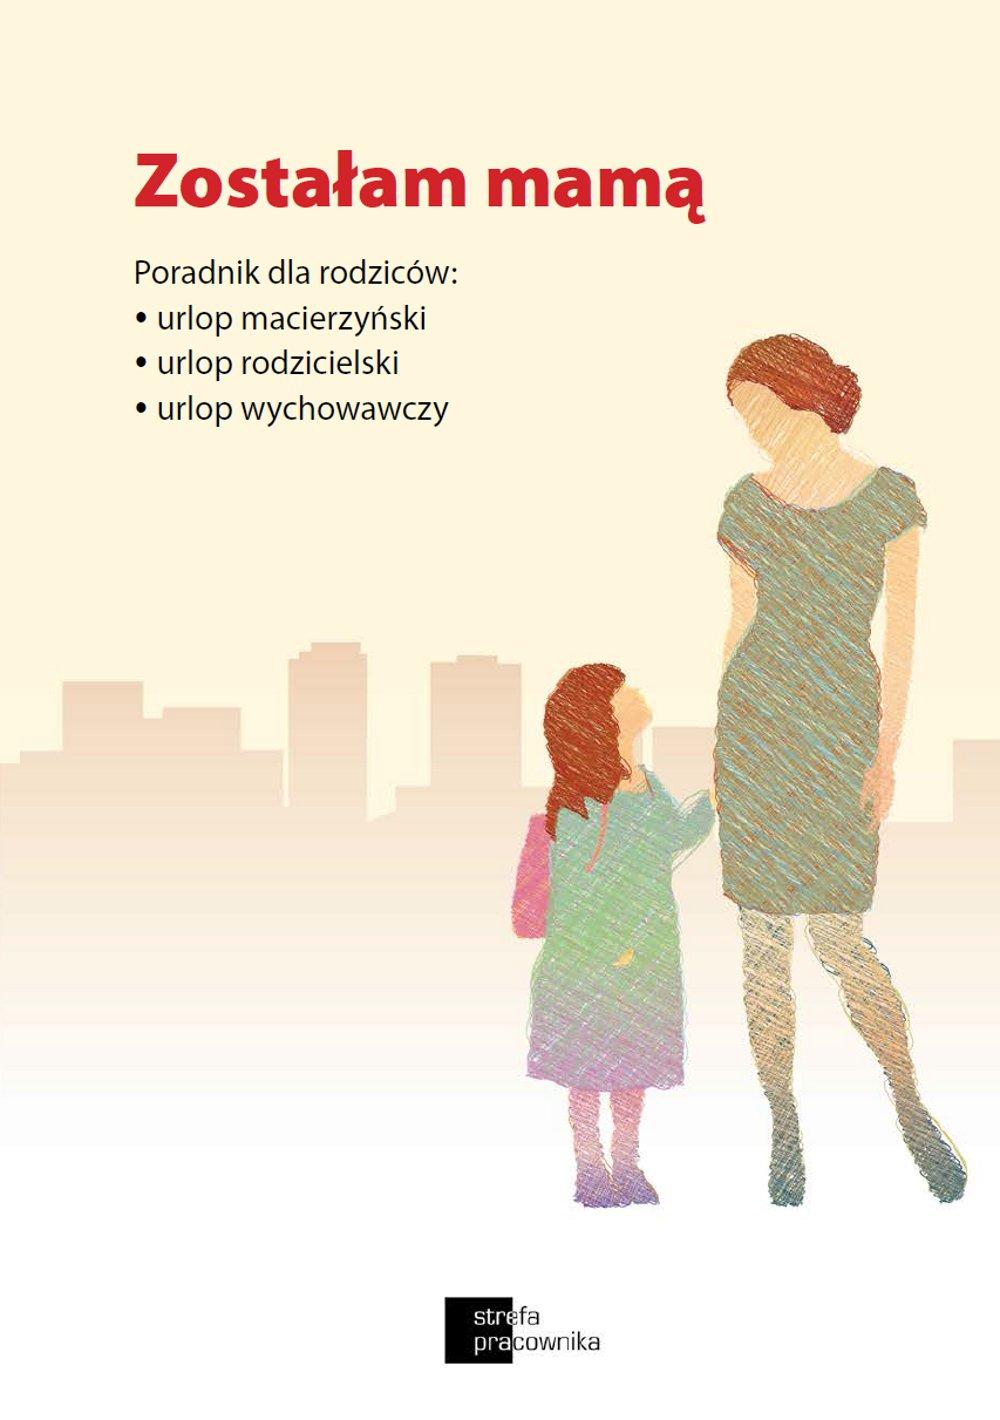 Zostałam mamą. Poradnik dla rodziców: urlop macierzyński, urlop rodzicielski, urlop wychowawczy - Ebook (Książka EPUB) do pobrania w formacie EPUB